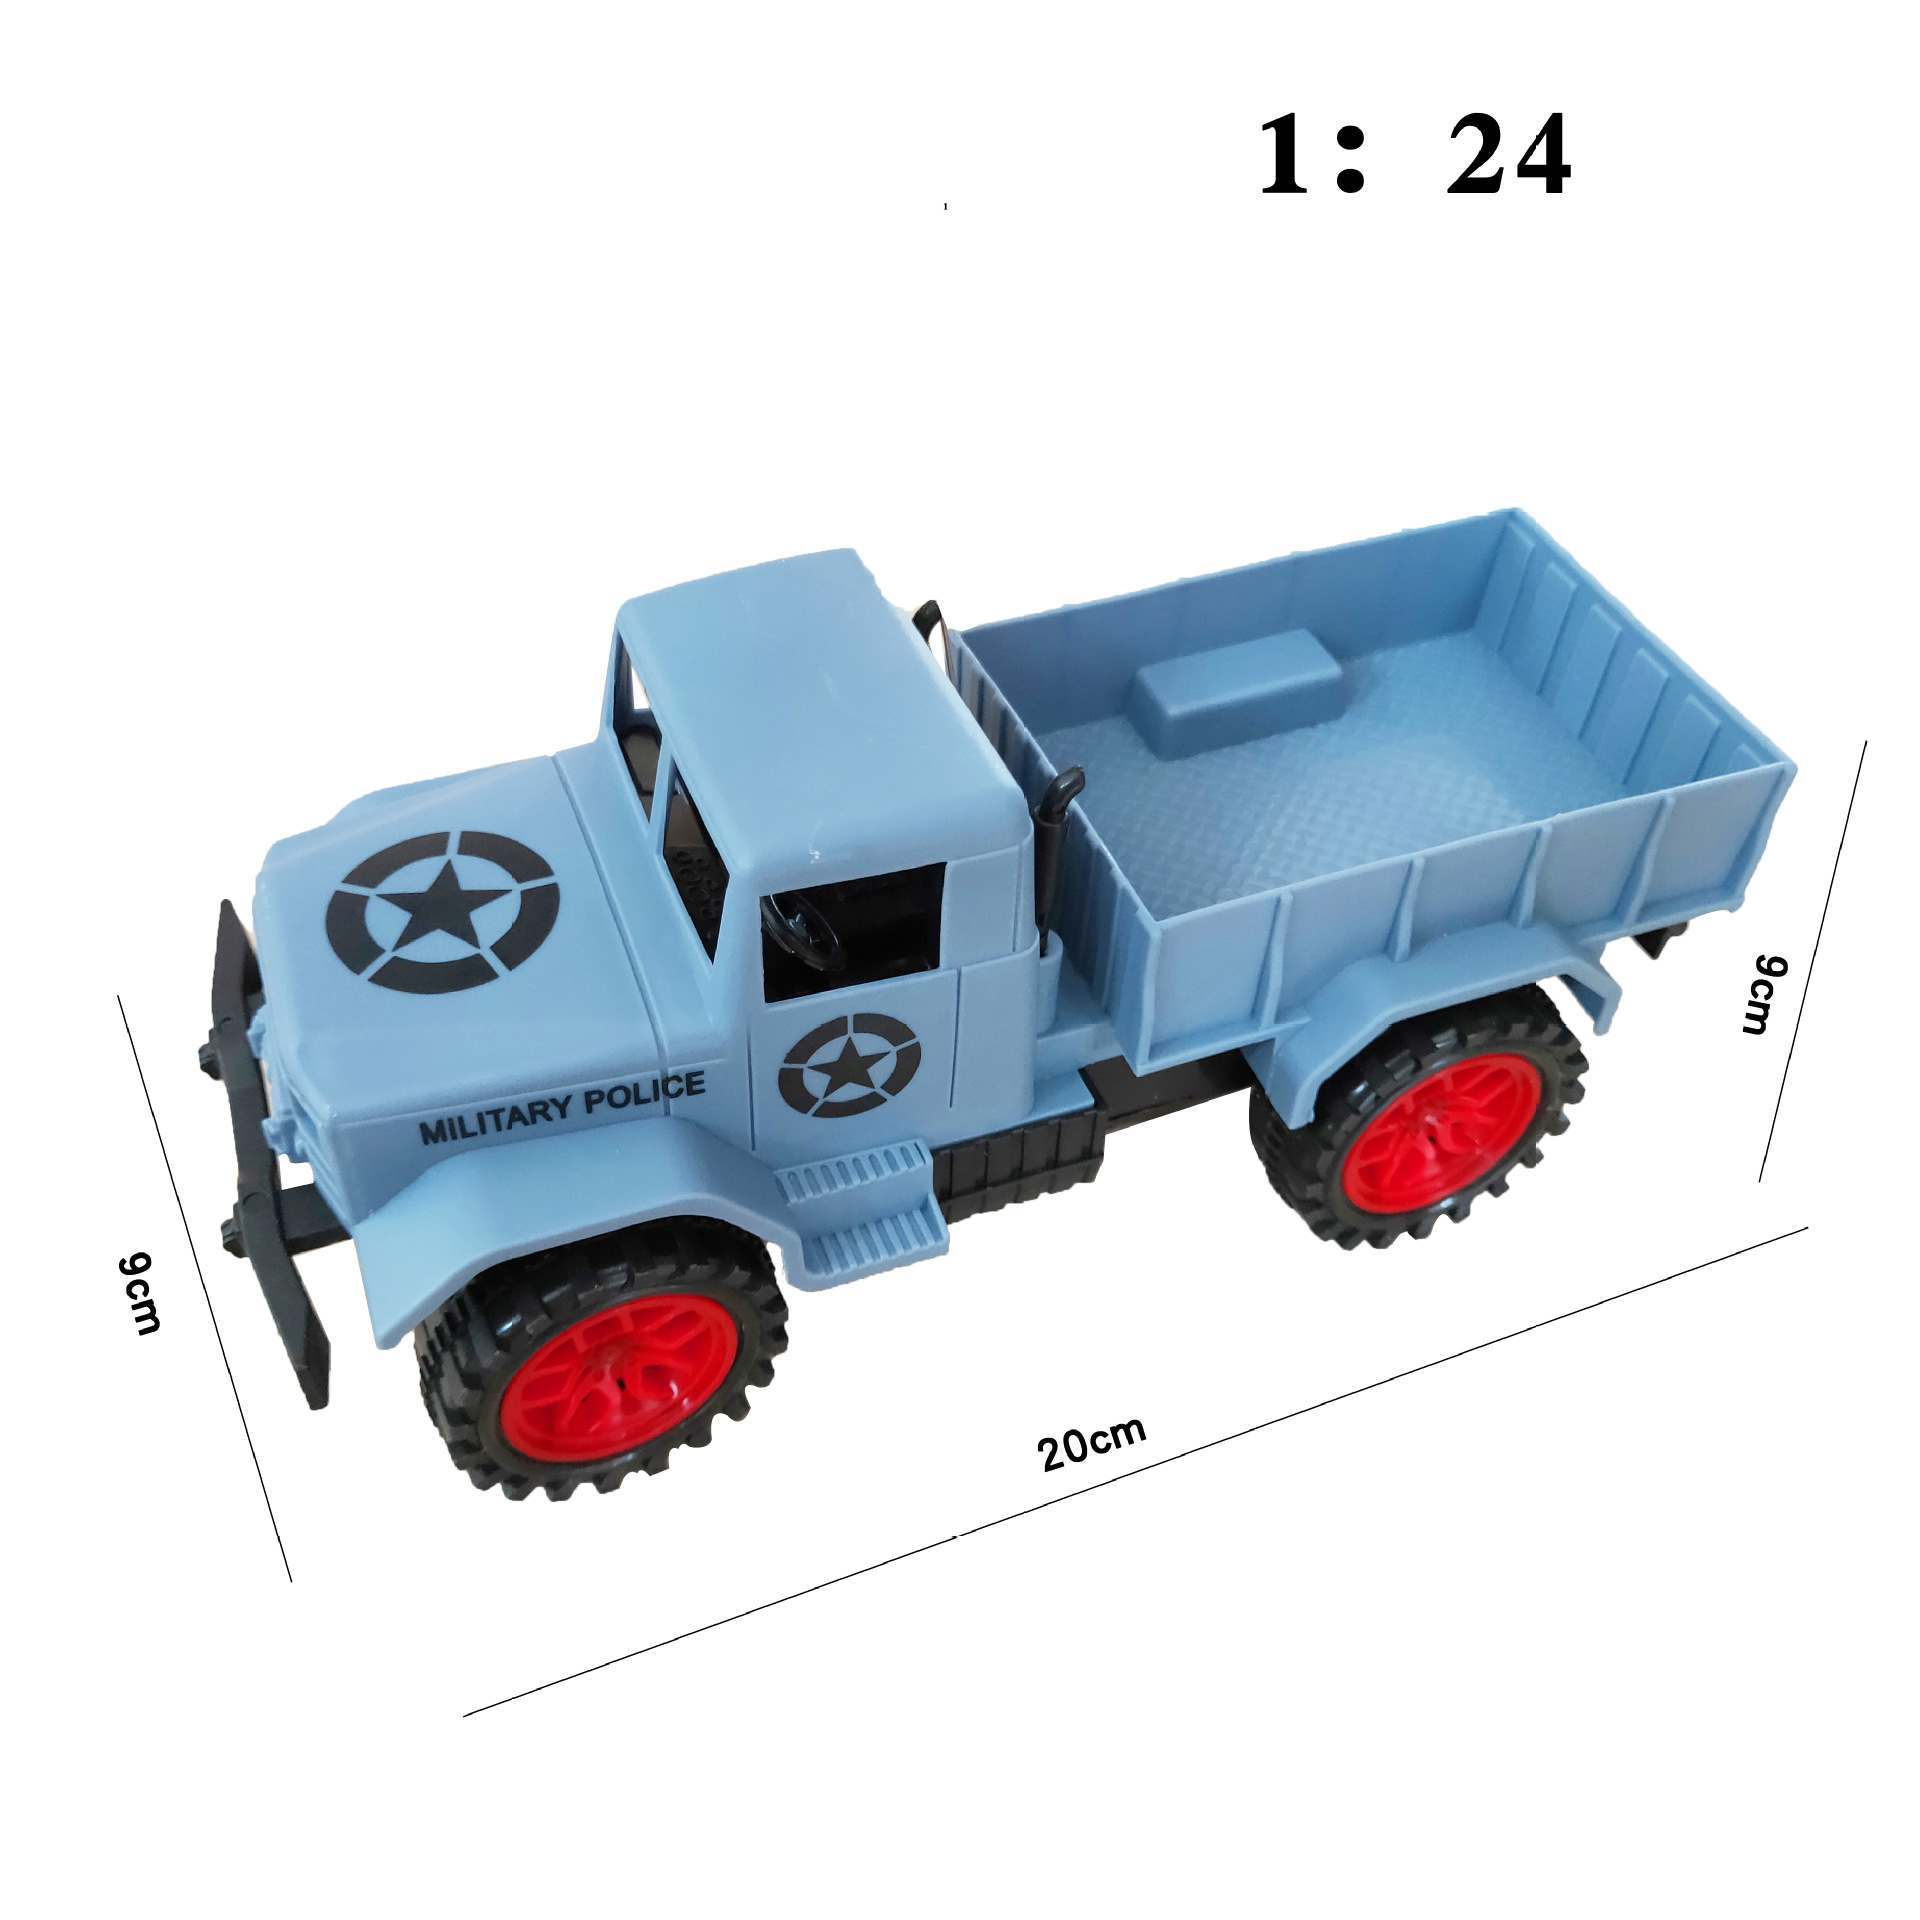 遥控军用卡车玩具礼品_适合赠送_卡车模型玩具